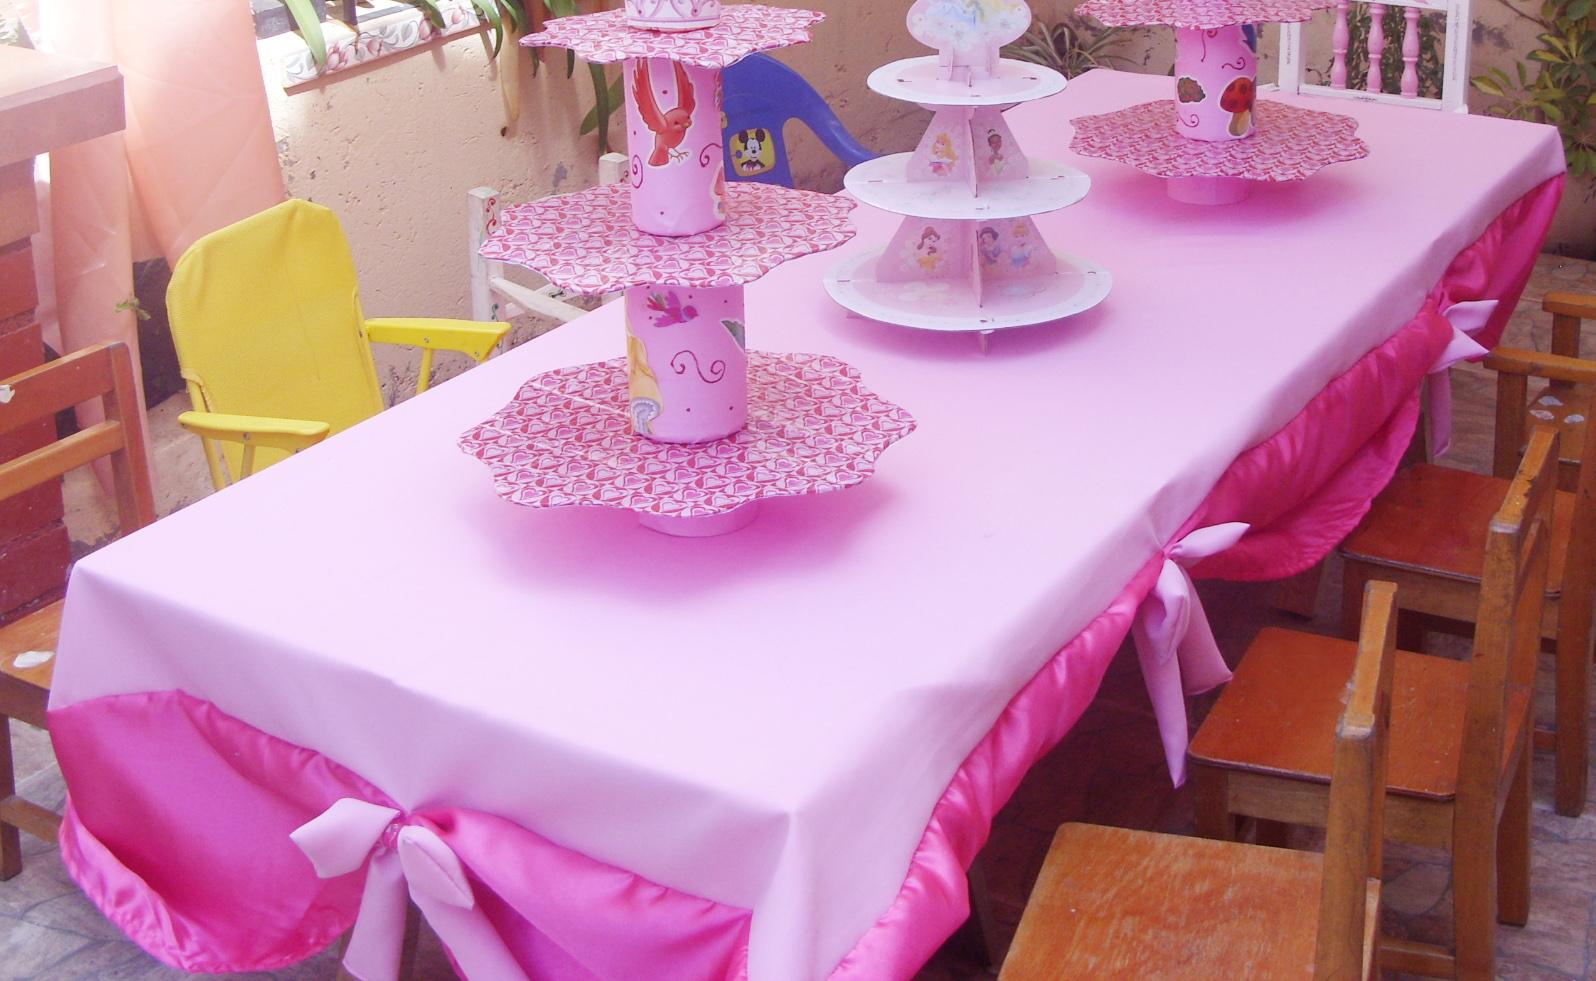 las creaciones de doa castora cumpleaos princesa detalles decorativos